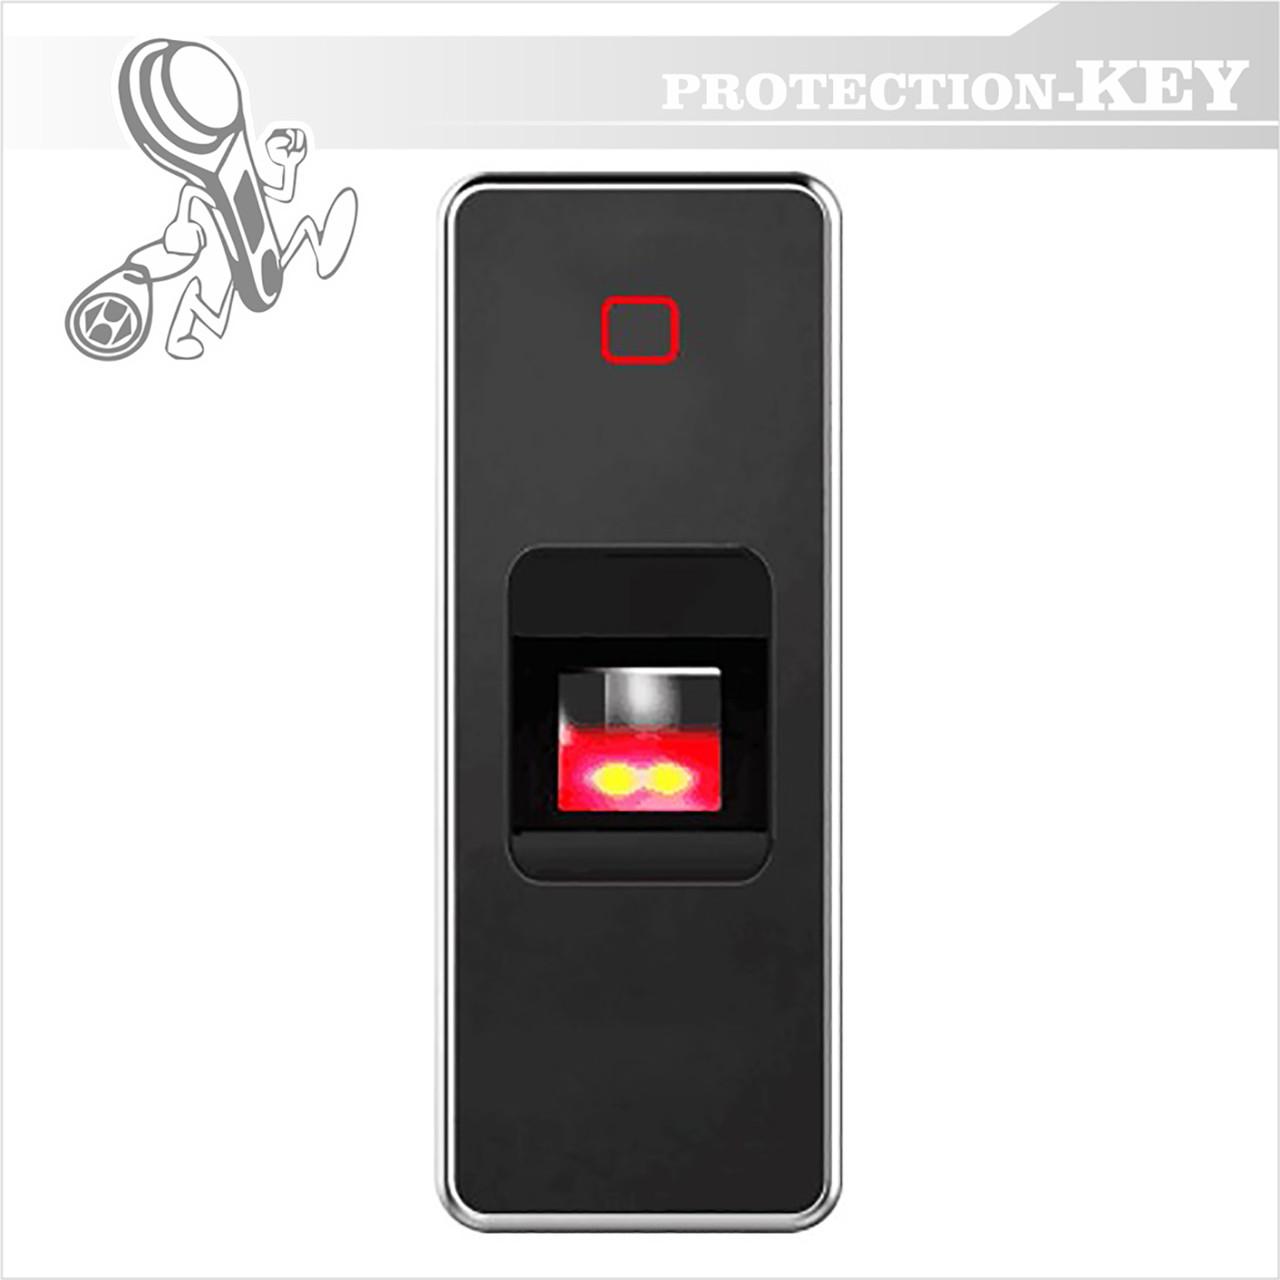 Контроллер с комбинированной идентификацией ABLE RCFP1-P 125 KHz (биометрический контроллер)